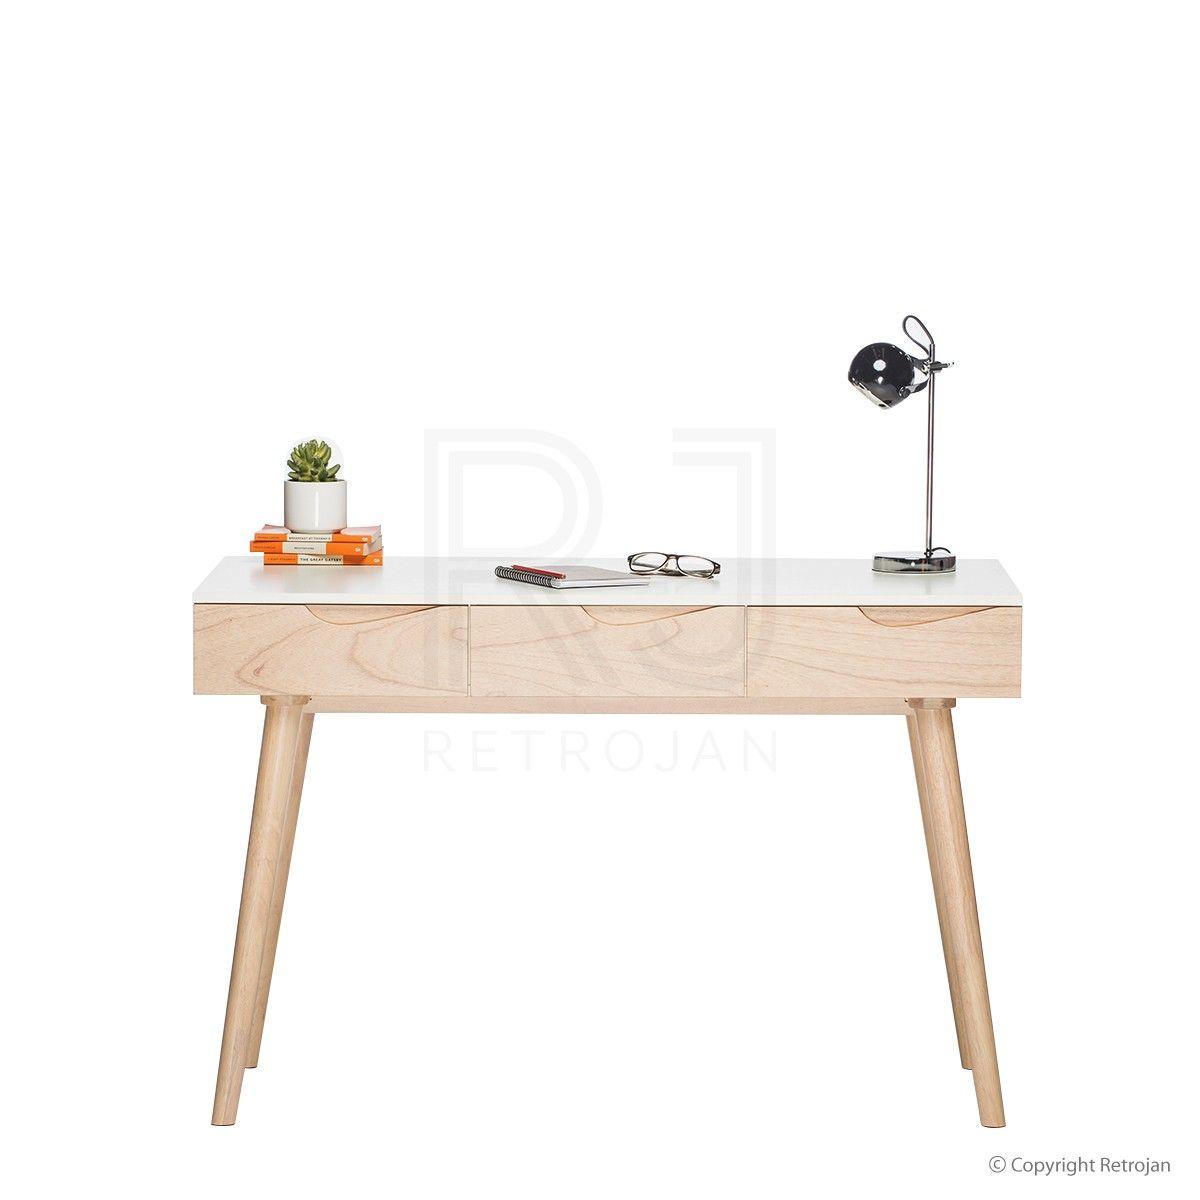 retro office desks. Buy Dino Scandinavian Office Desk | Retro Desks \u2013 Retrojan